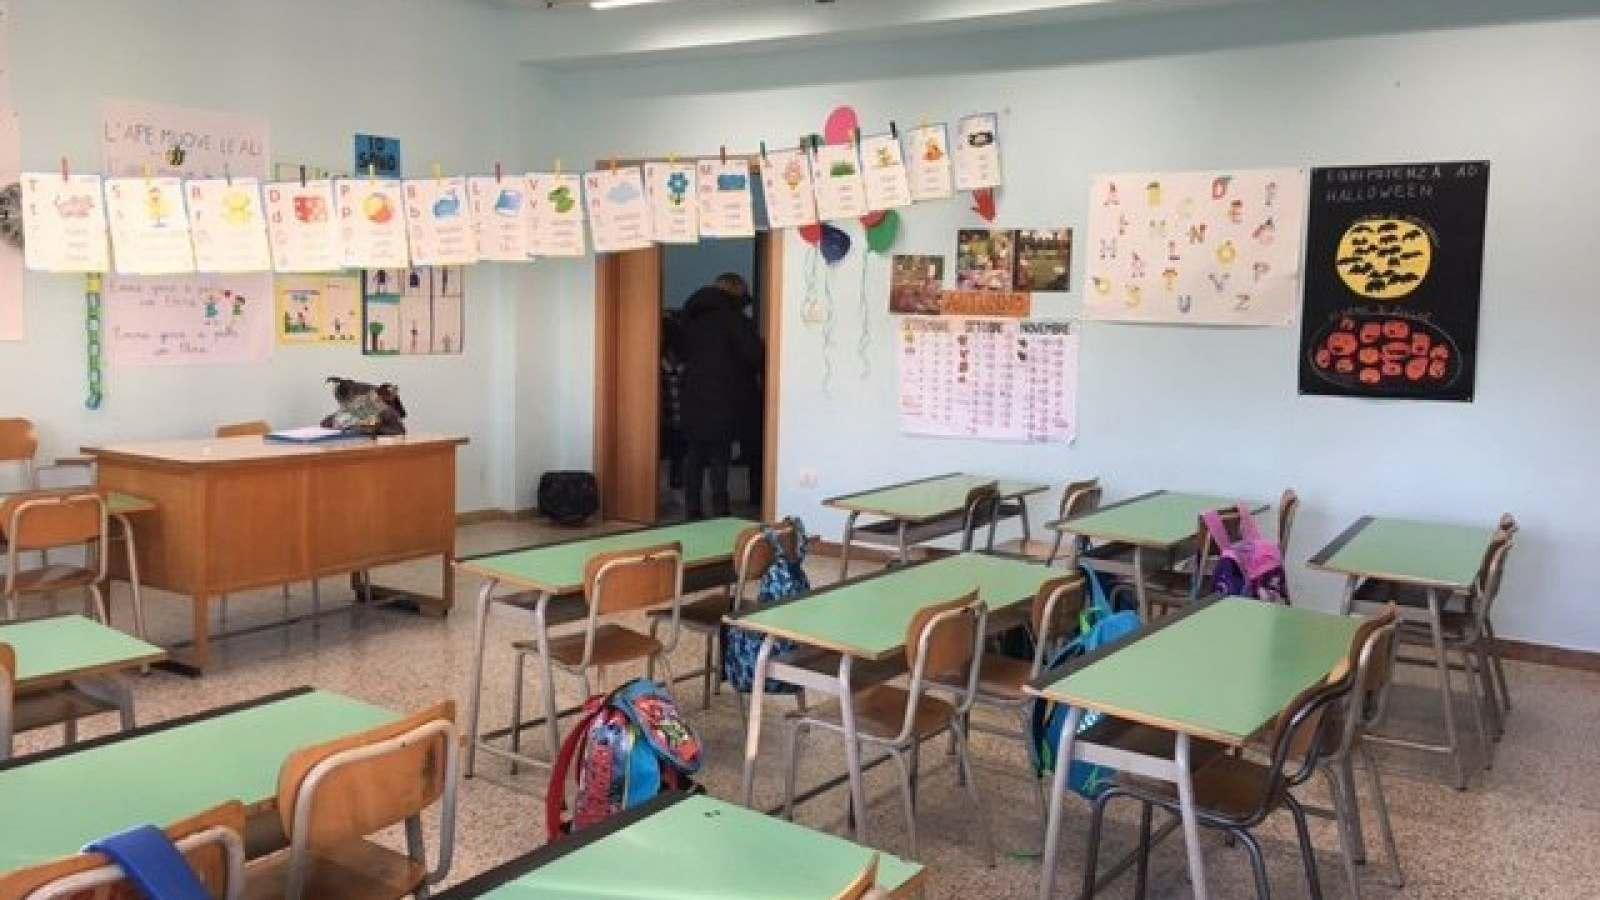 Aula di scuola primaria